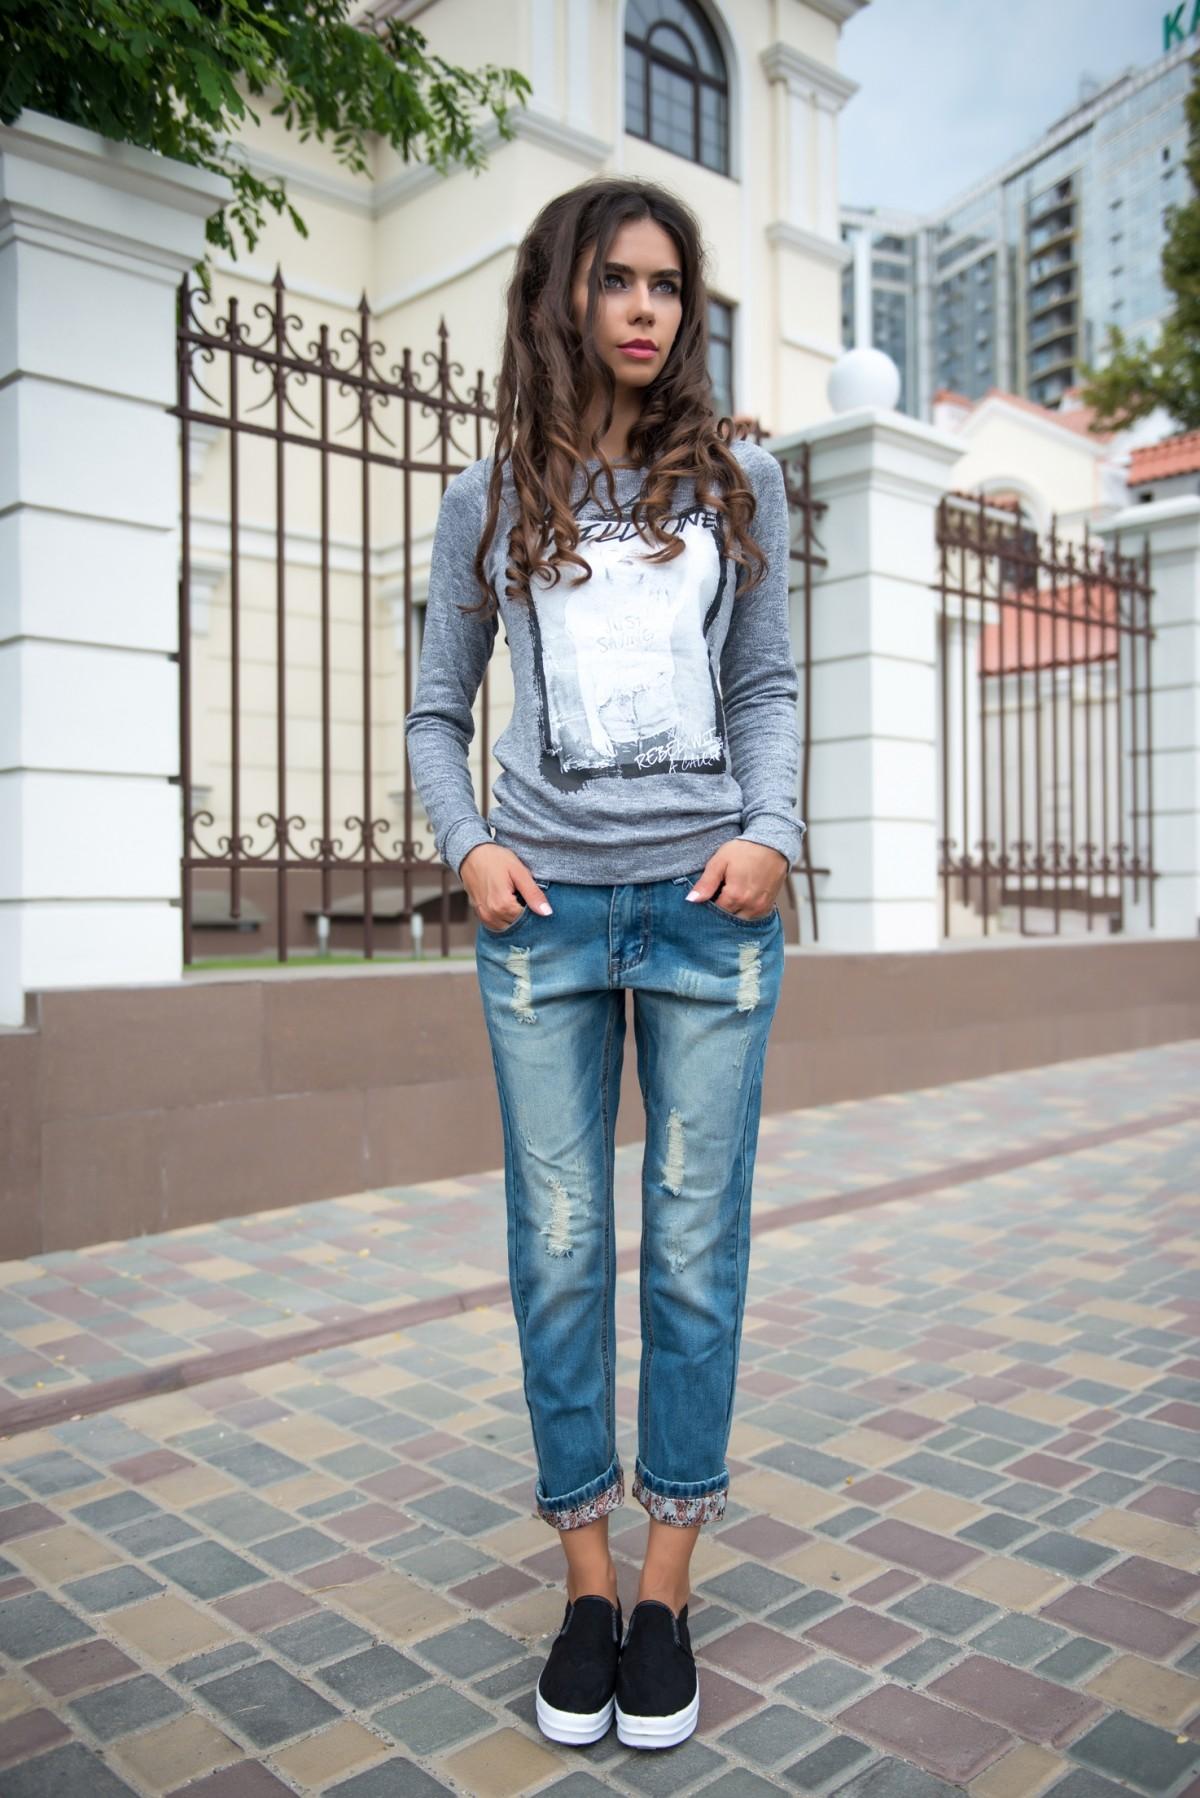 Картинка по теме: Как выбрать джинсы по типу фигуры